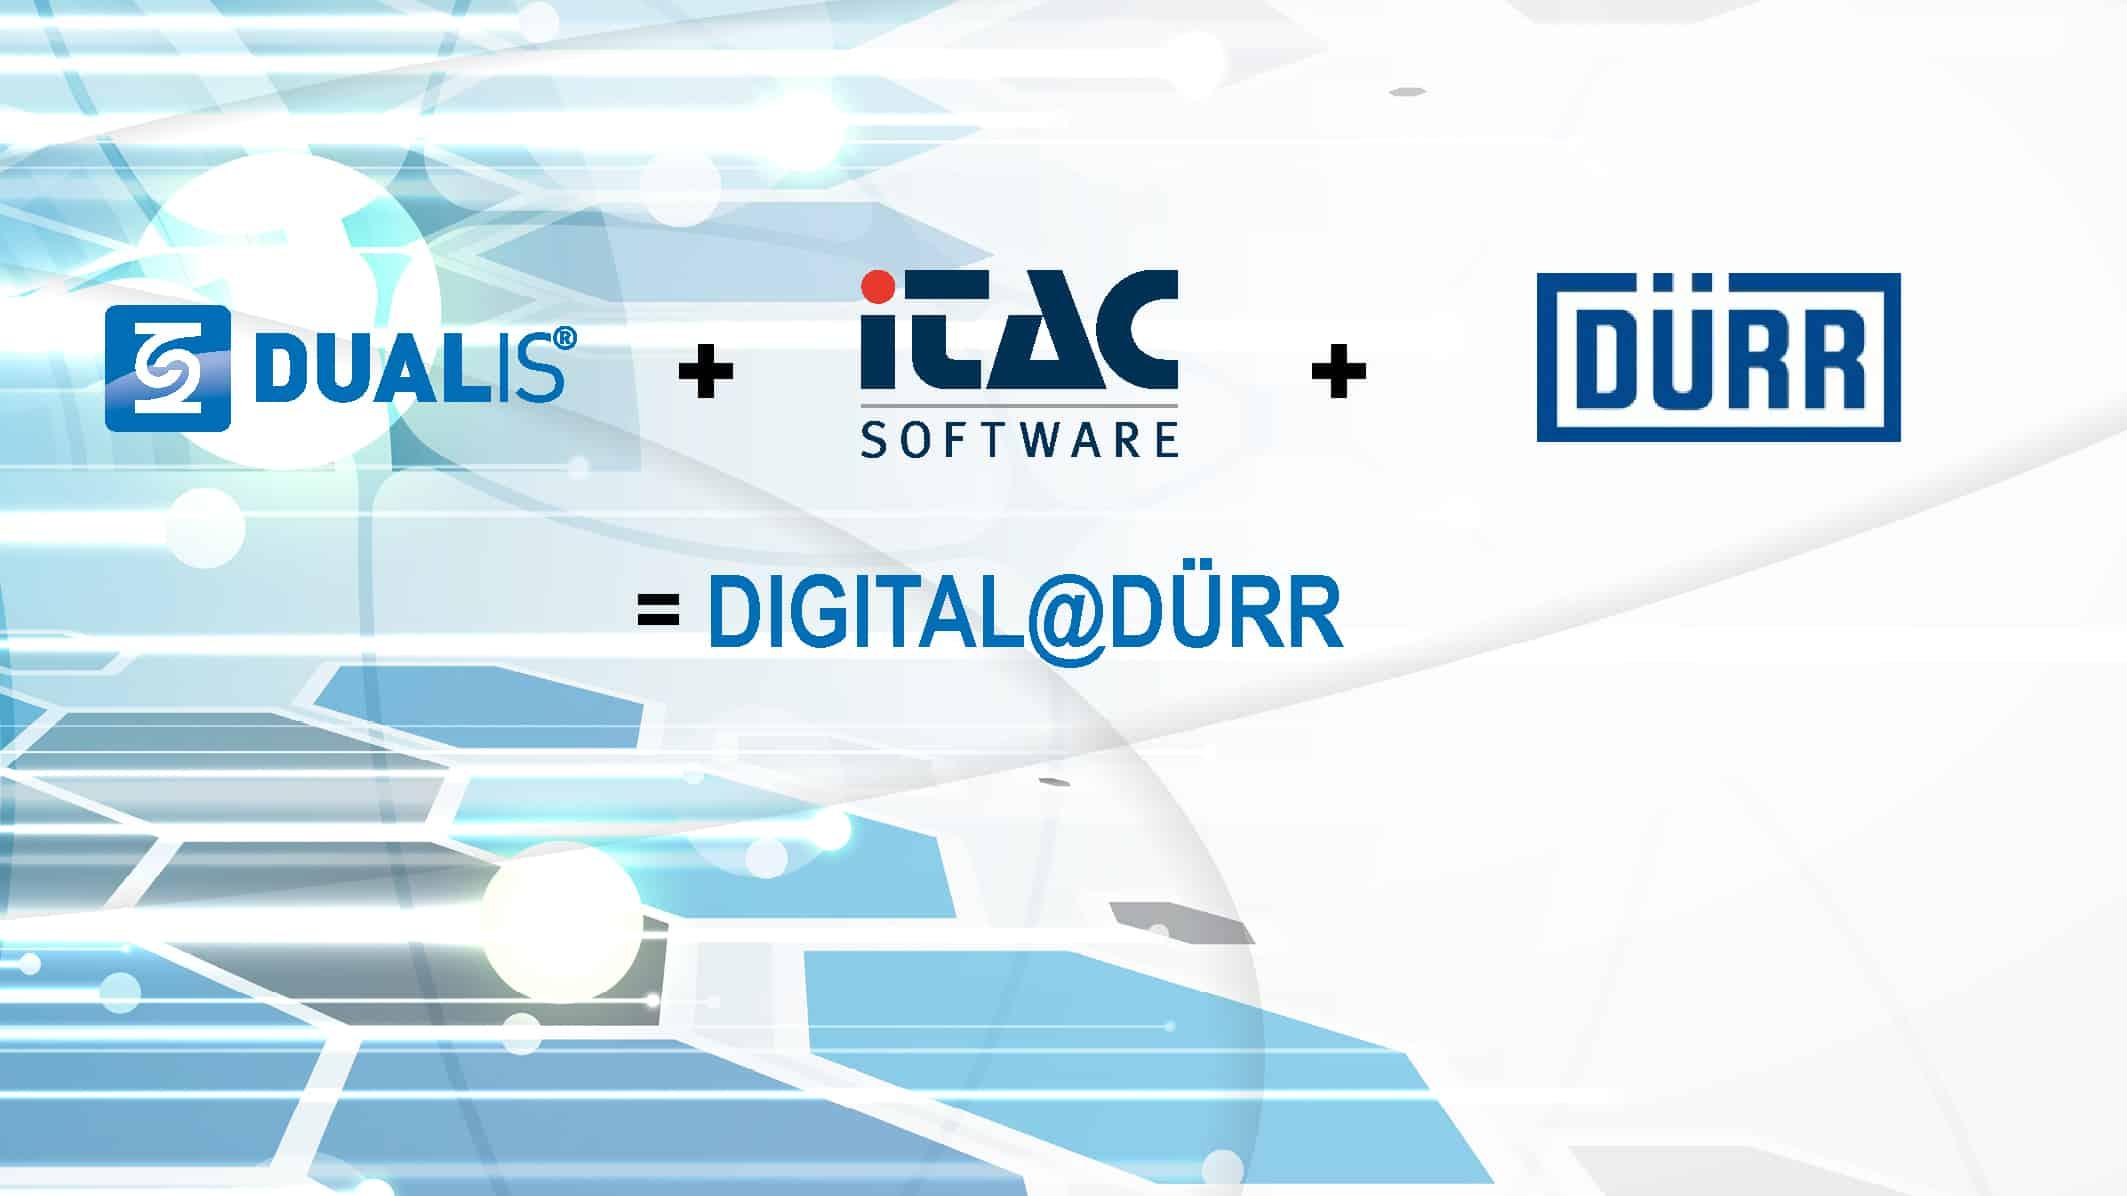 iTAC übernimmt DUALIS